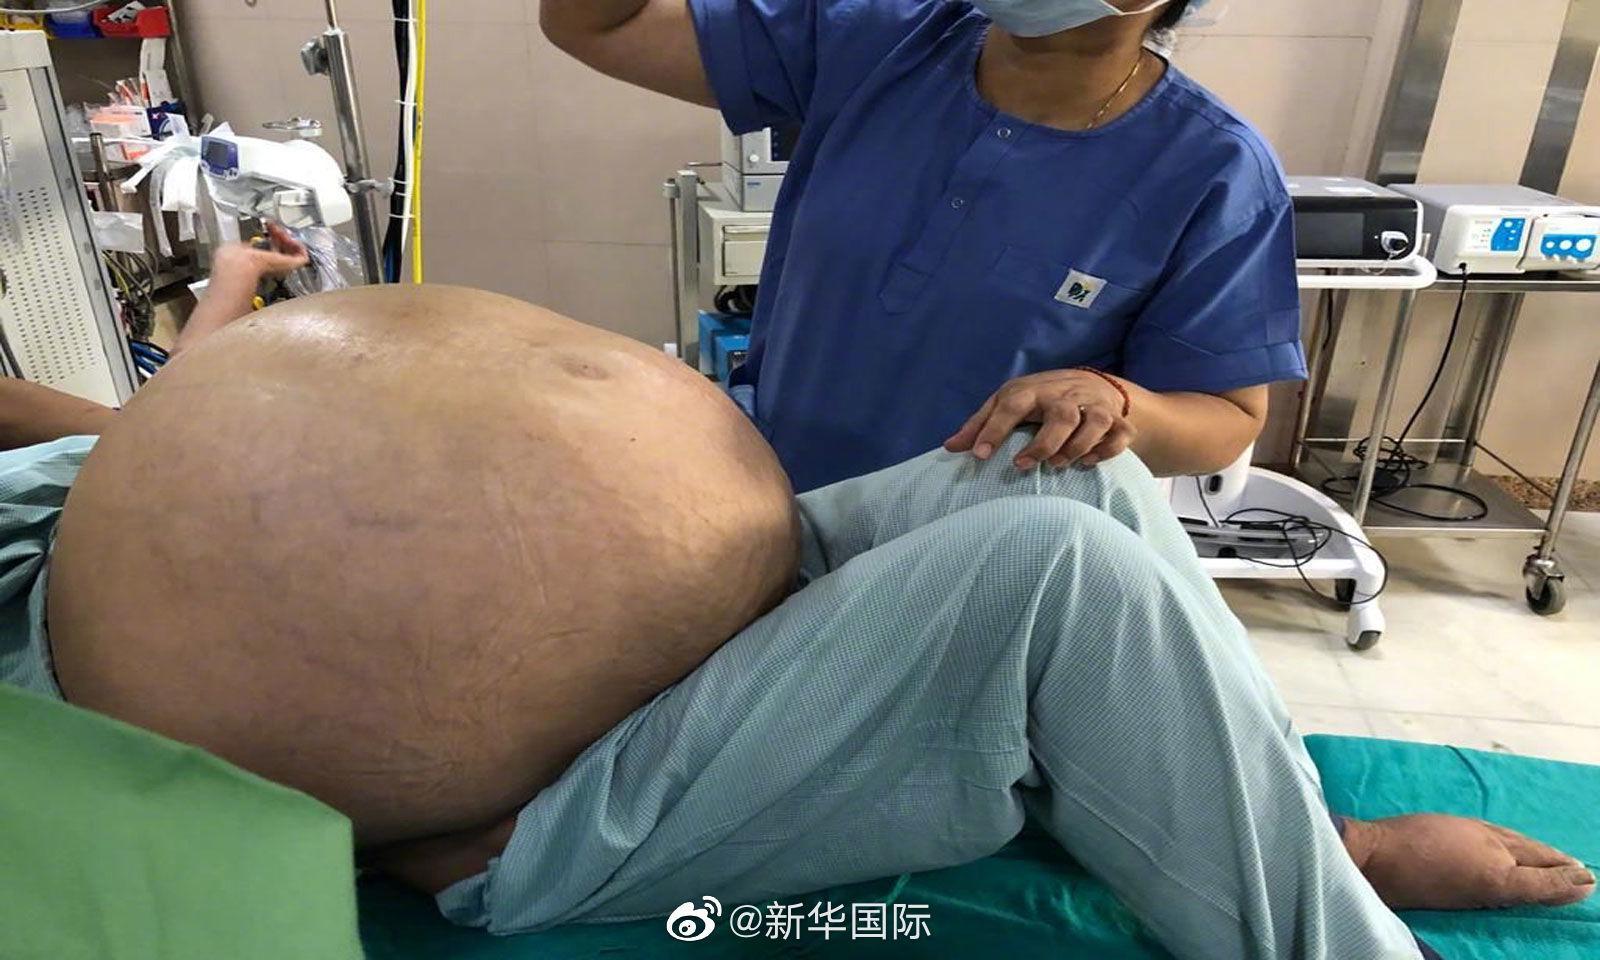 印女子剥除50千克重卵巢肿瘤 相当于患者一半体重